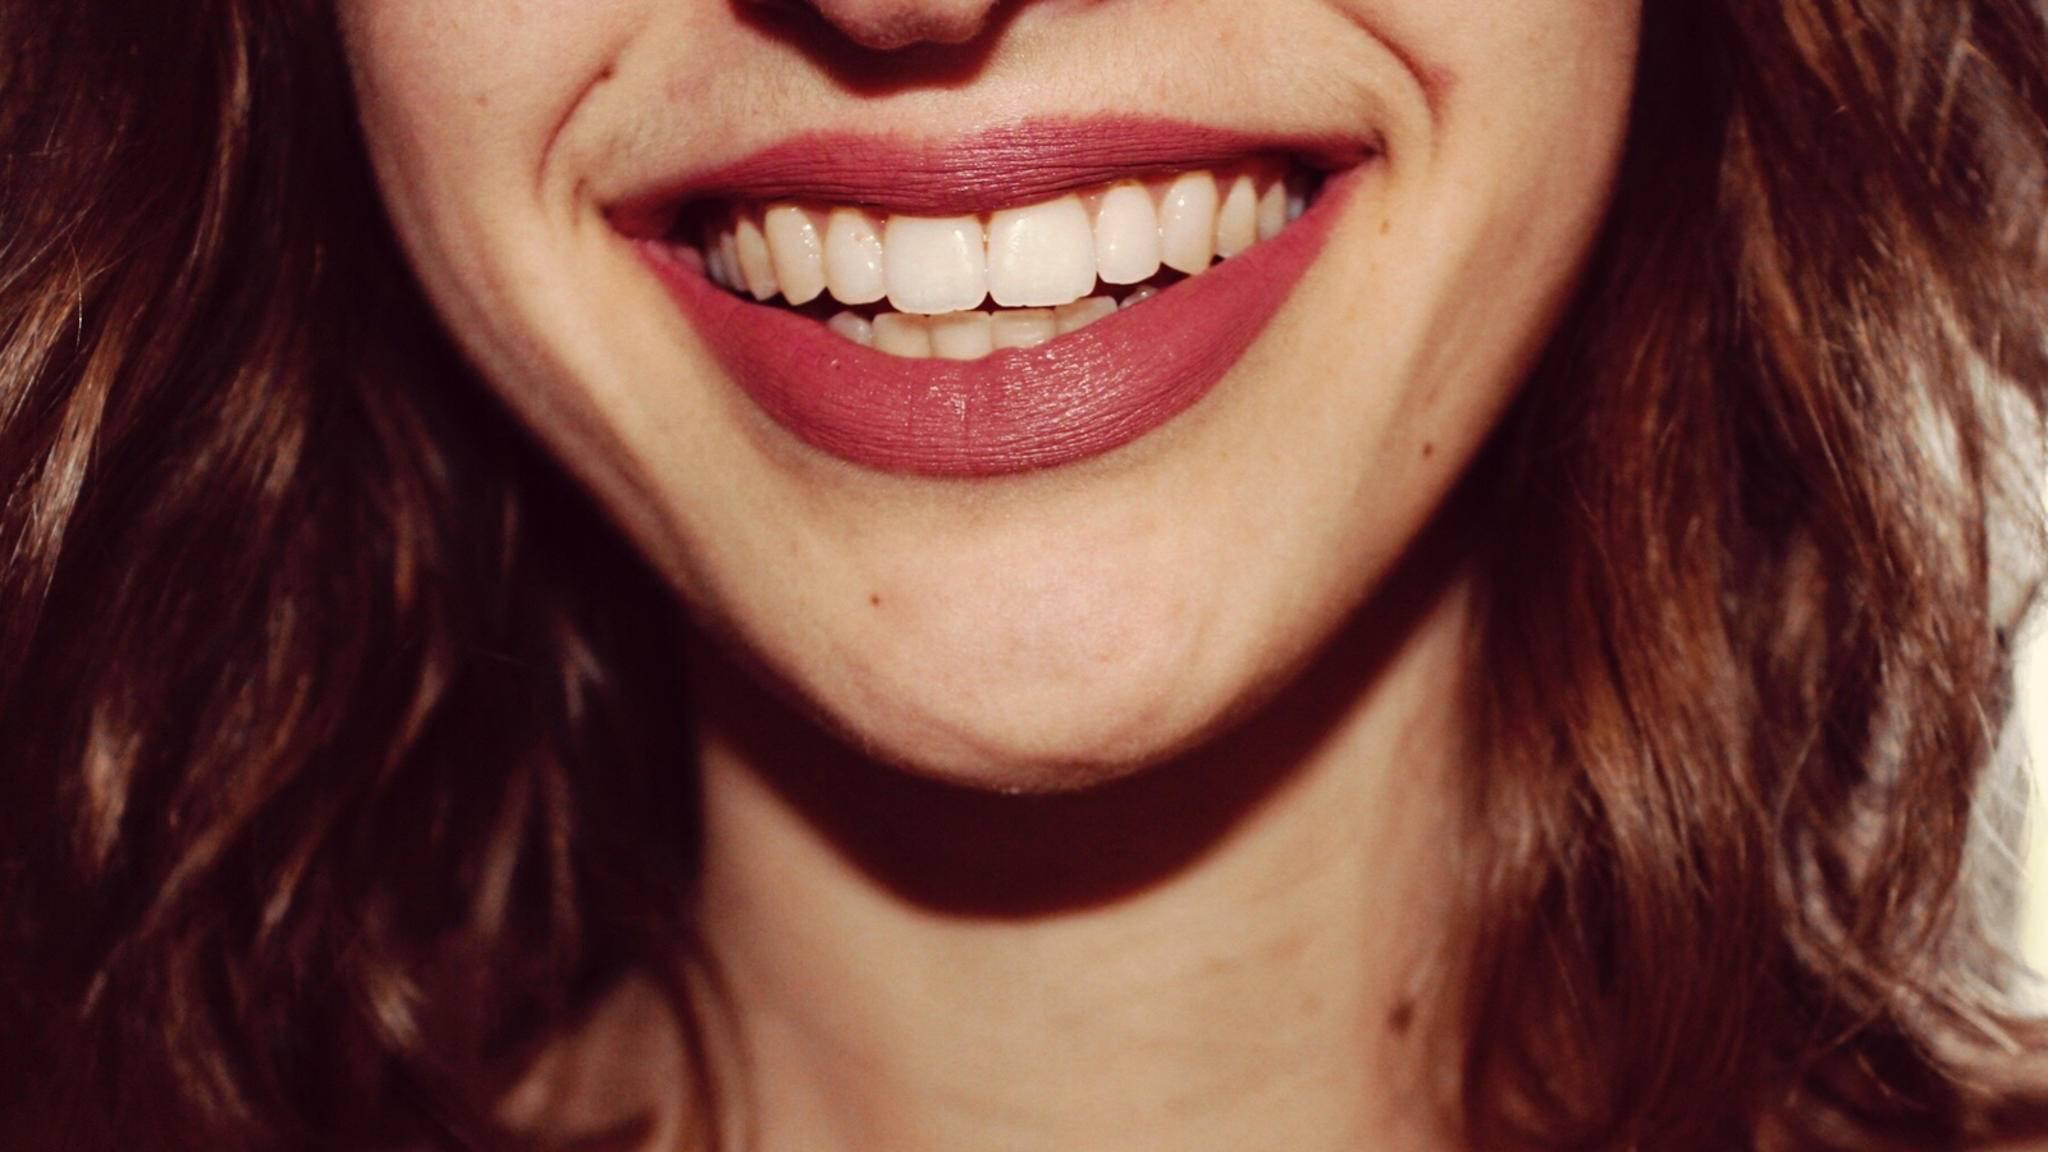 Damit einem das strahlende Lächeln erhalten bleibt, ist ein jährlicher Zahnarztbesuch angeraten.